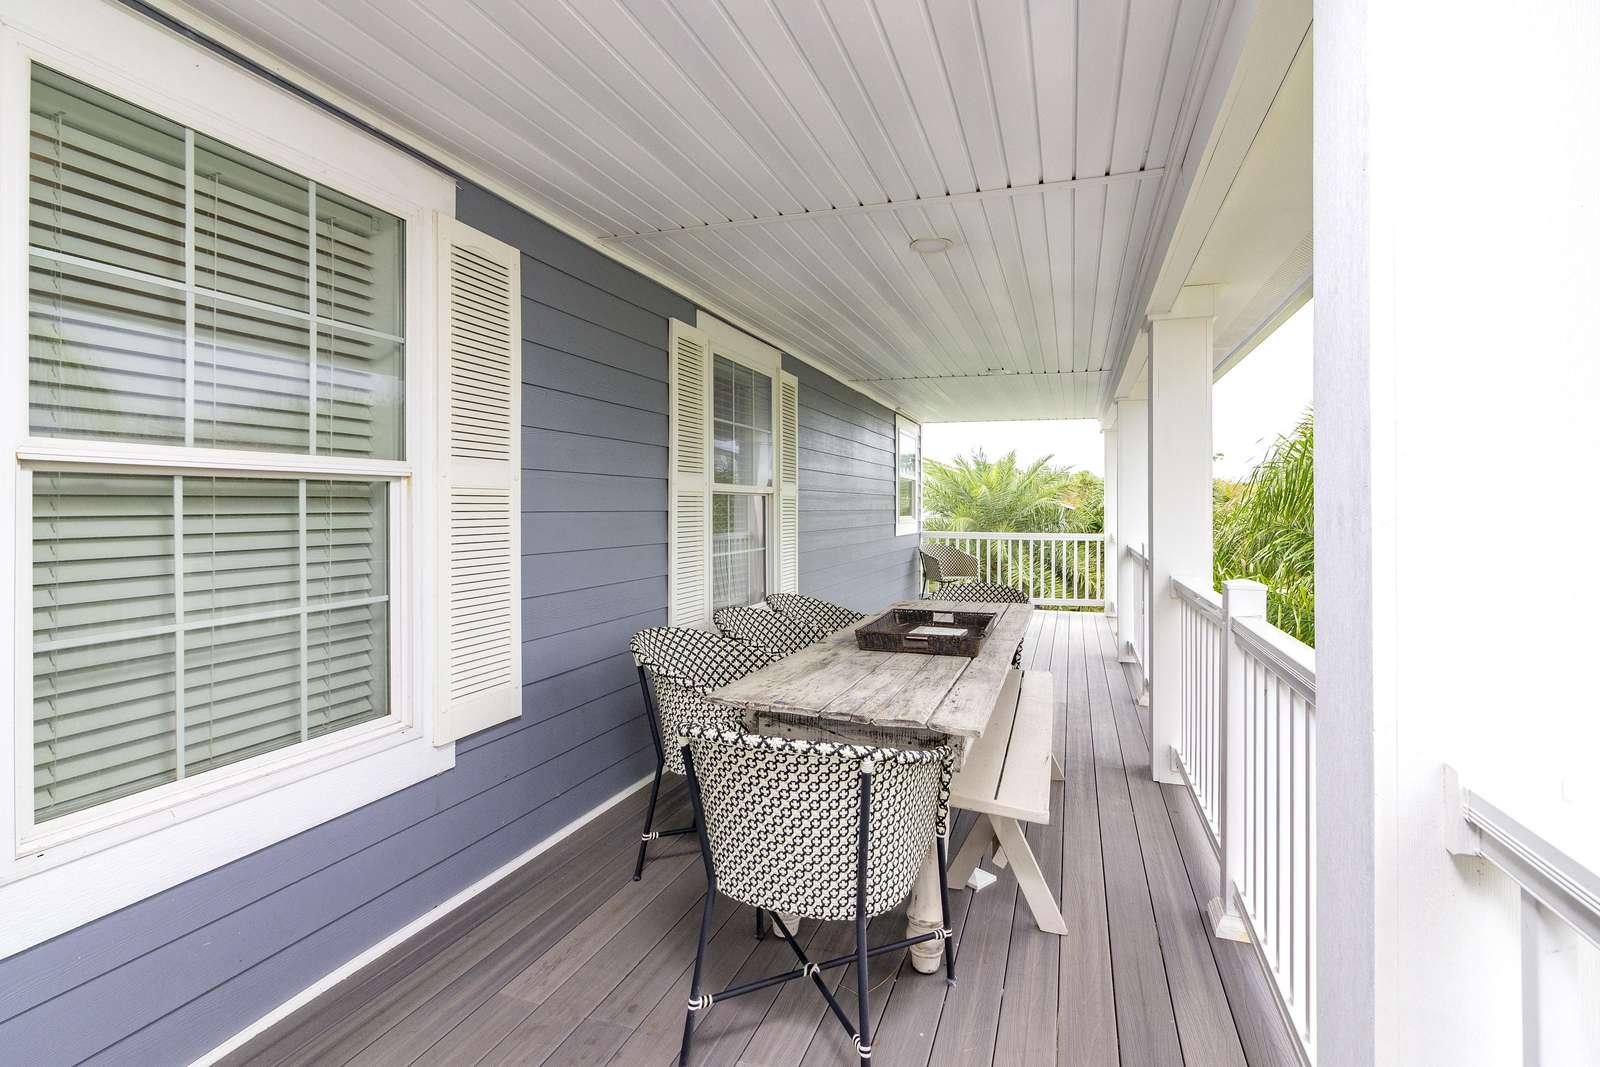 Second Floor Veranda - Outside Dining!